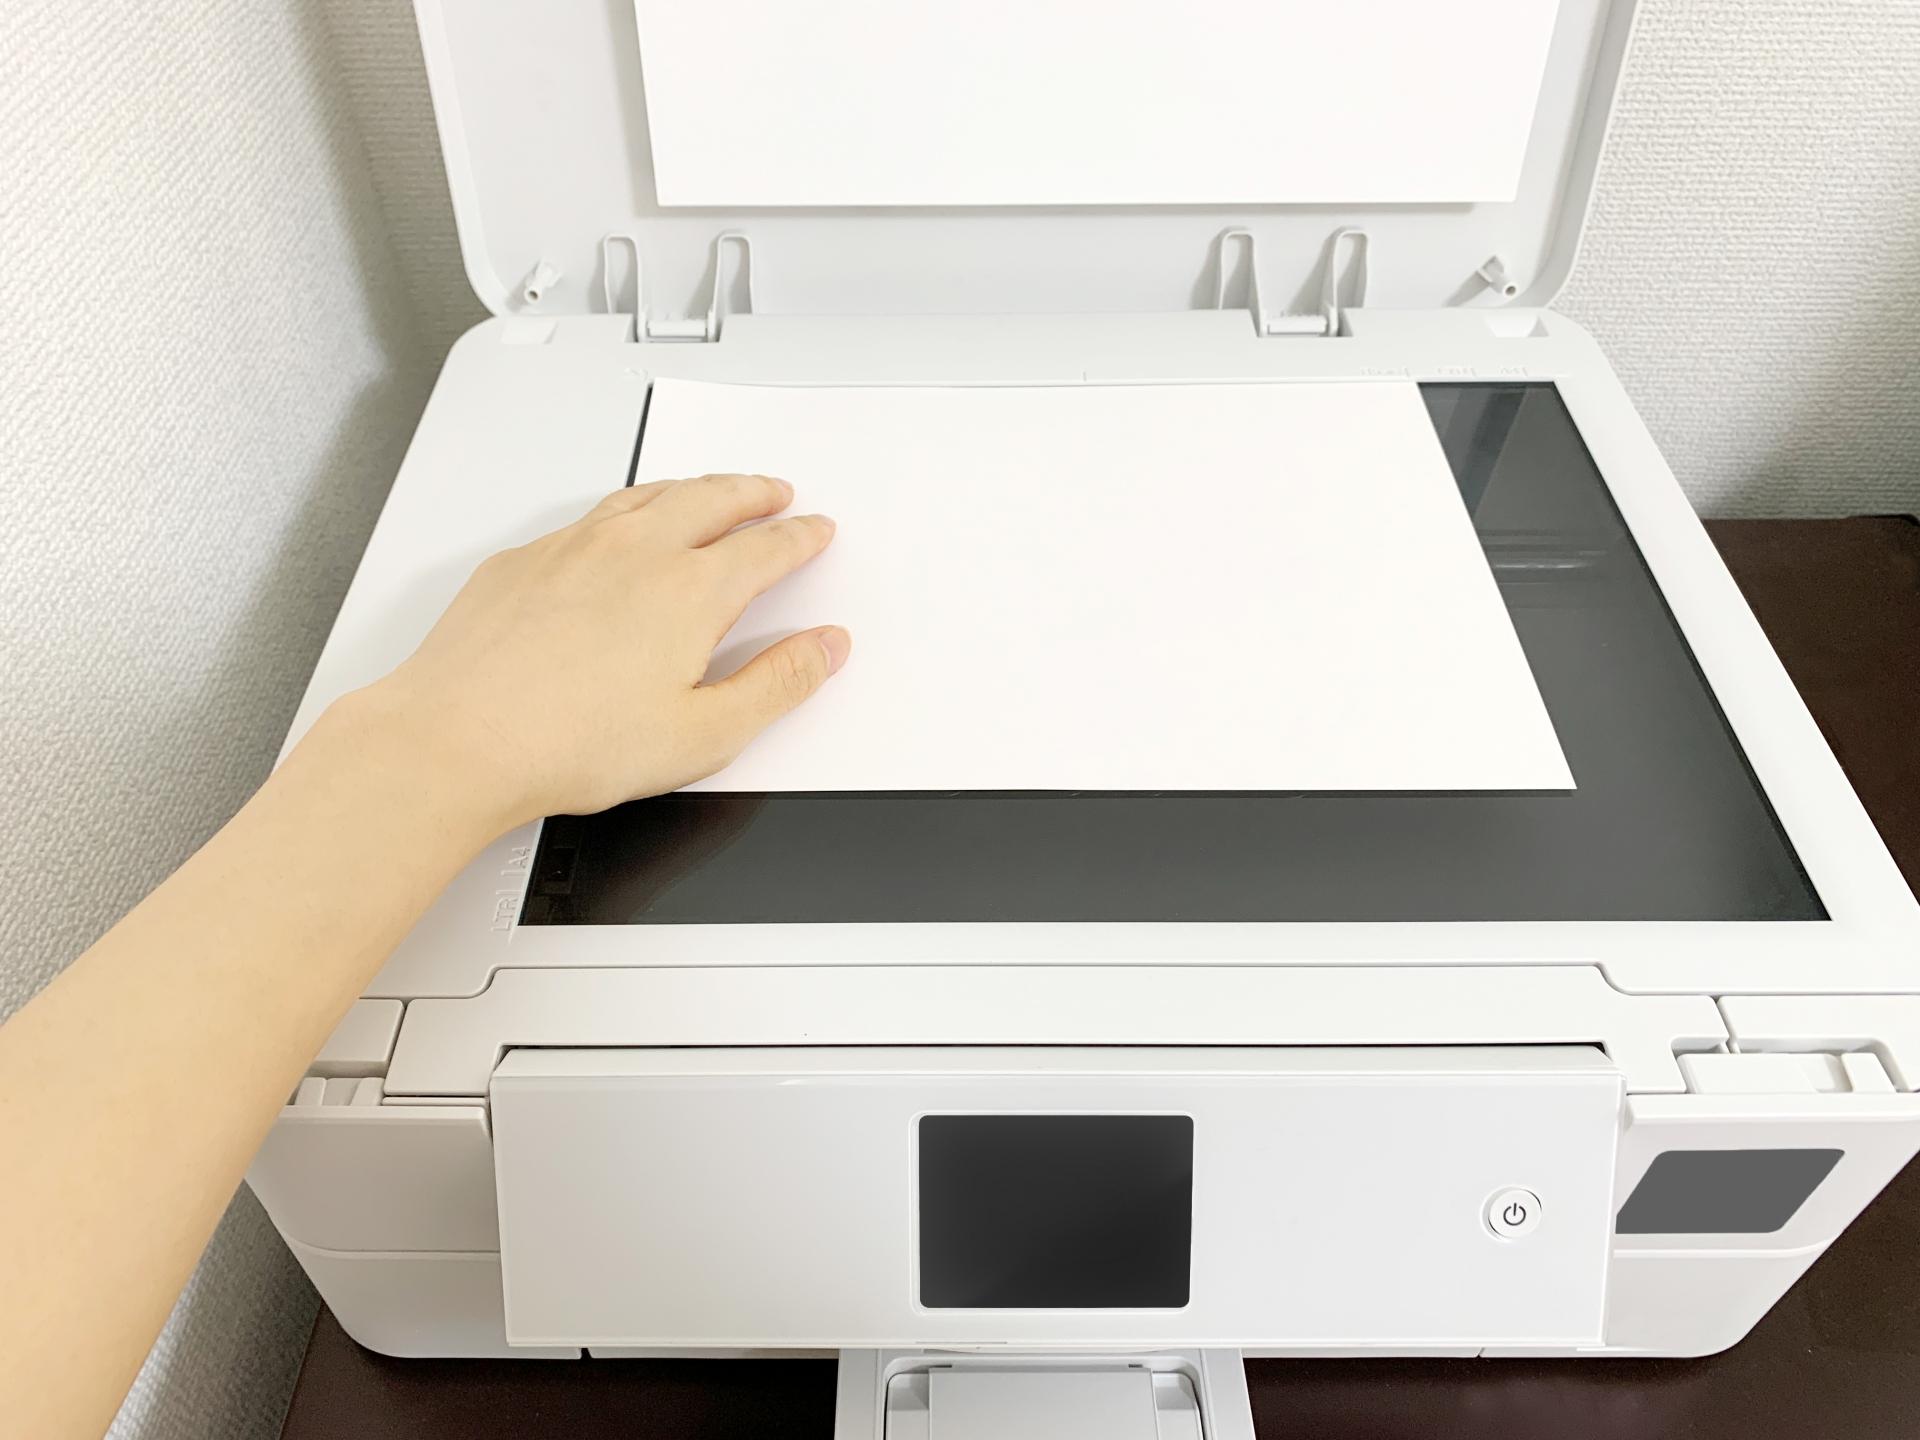 2005年~2020年における電子帳簿保存法の改正